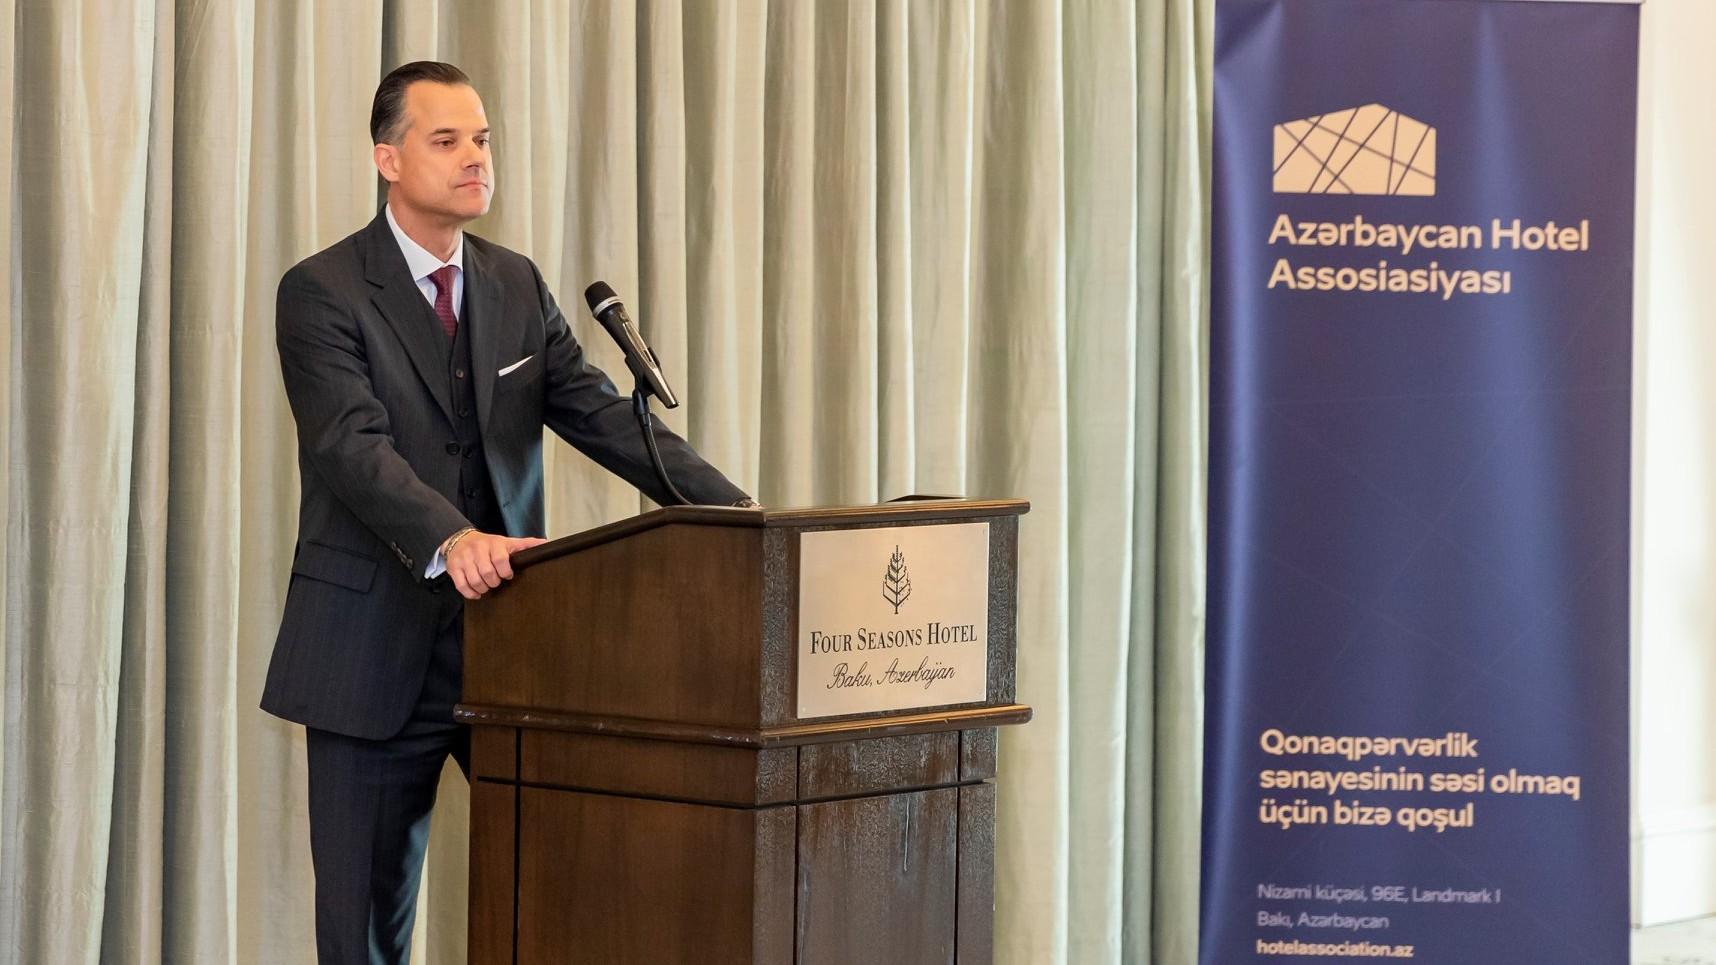 Azərbaycan Hotel Assosiasiyasının prezidenti təşkilatın üzvlərinə təqdim olunub